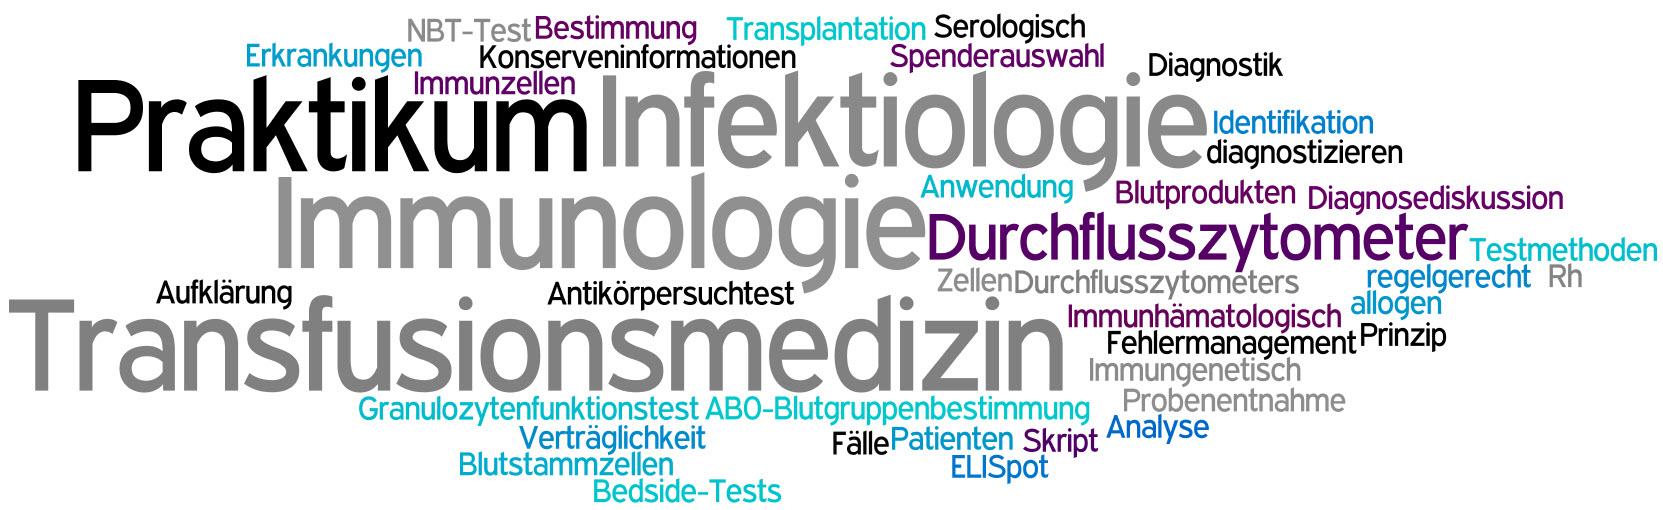 Großzügig übung 40 Anatomie Des Harnwege Zeitgenössisch - Anatomie ...